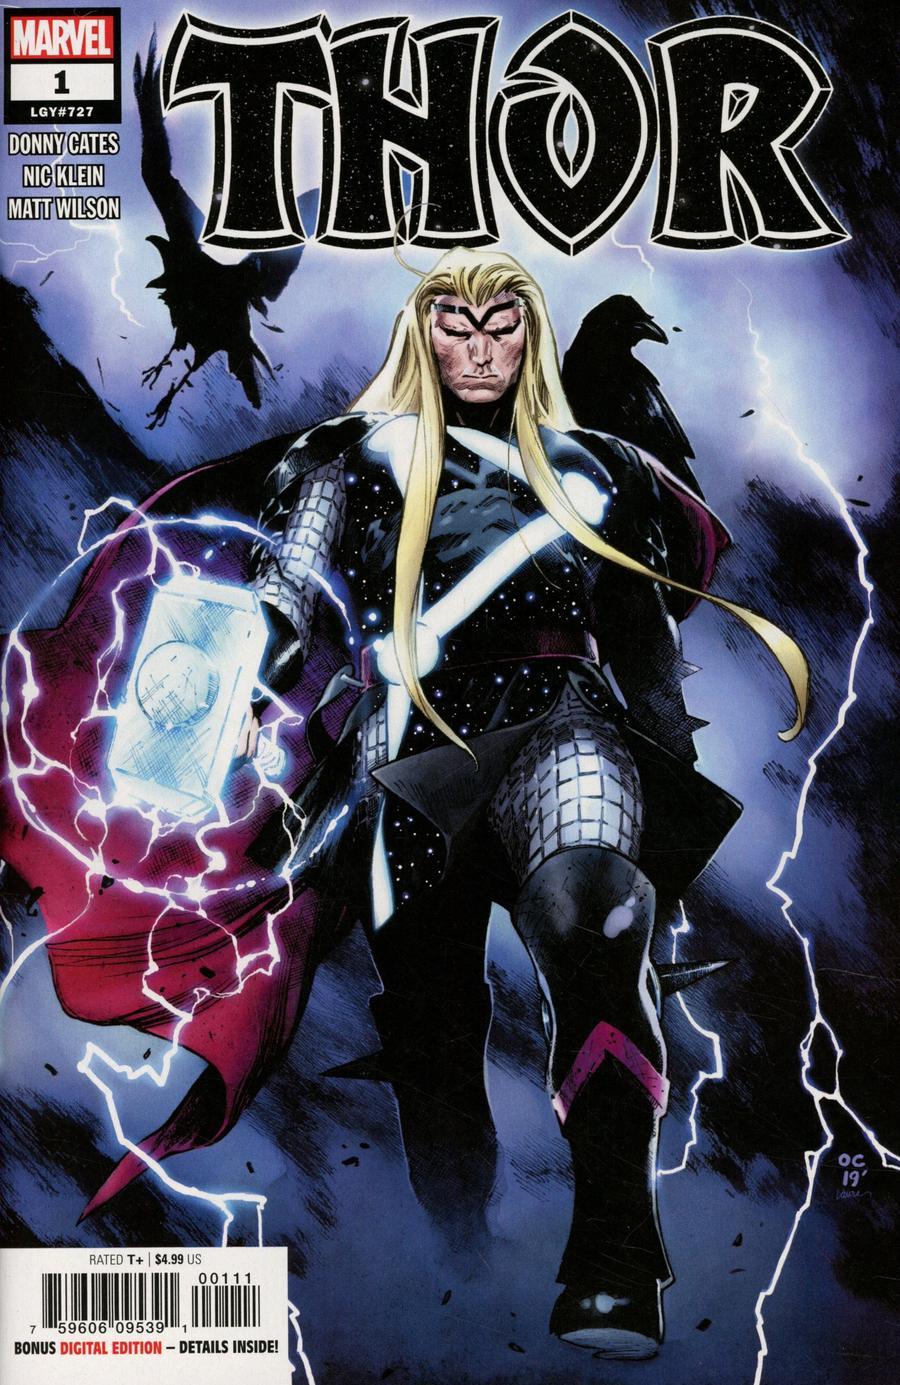 Thor Vol 6 #1 Cover A Olivier Coipel